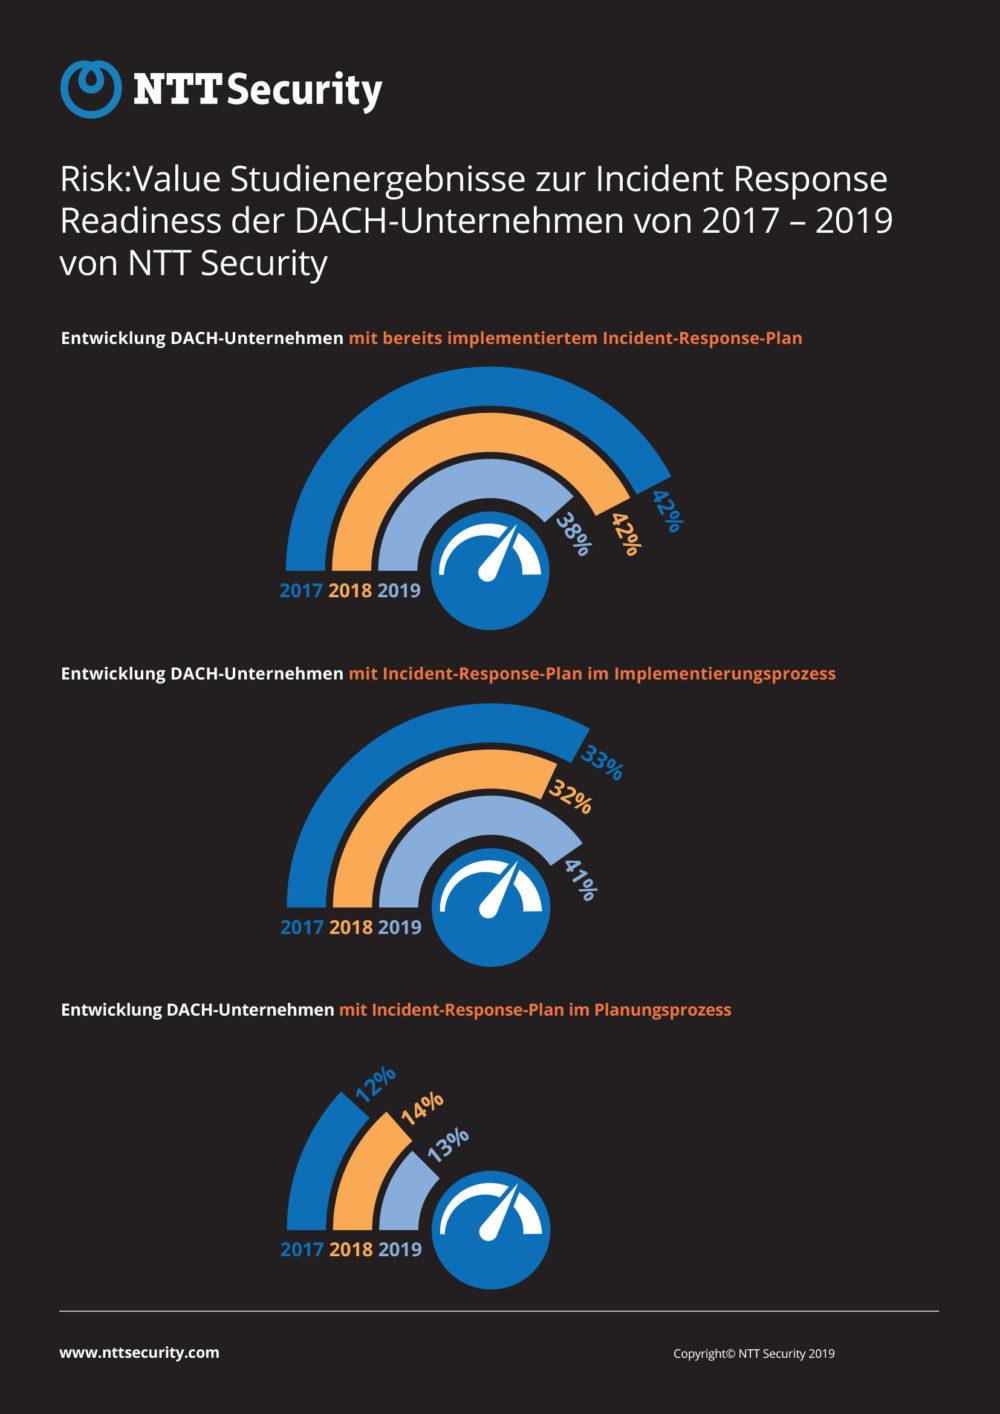 Entwicklung der Incident Response Readiness der DACH-Unternehmen von 2017 bis 2019 (Quelle: NTT Security). (Grafik: obs/NTT Security)